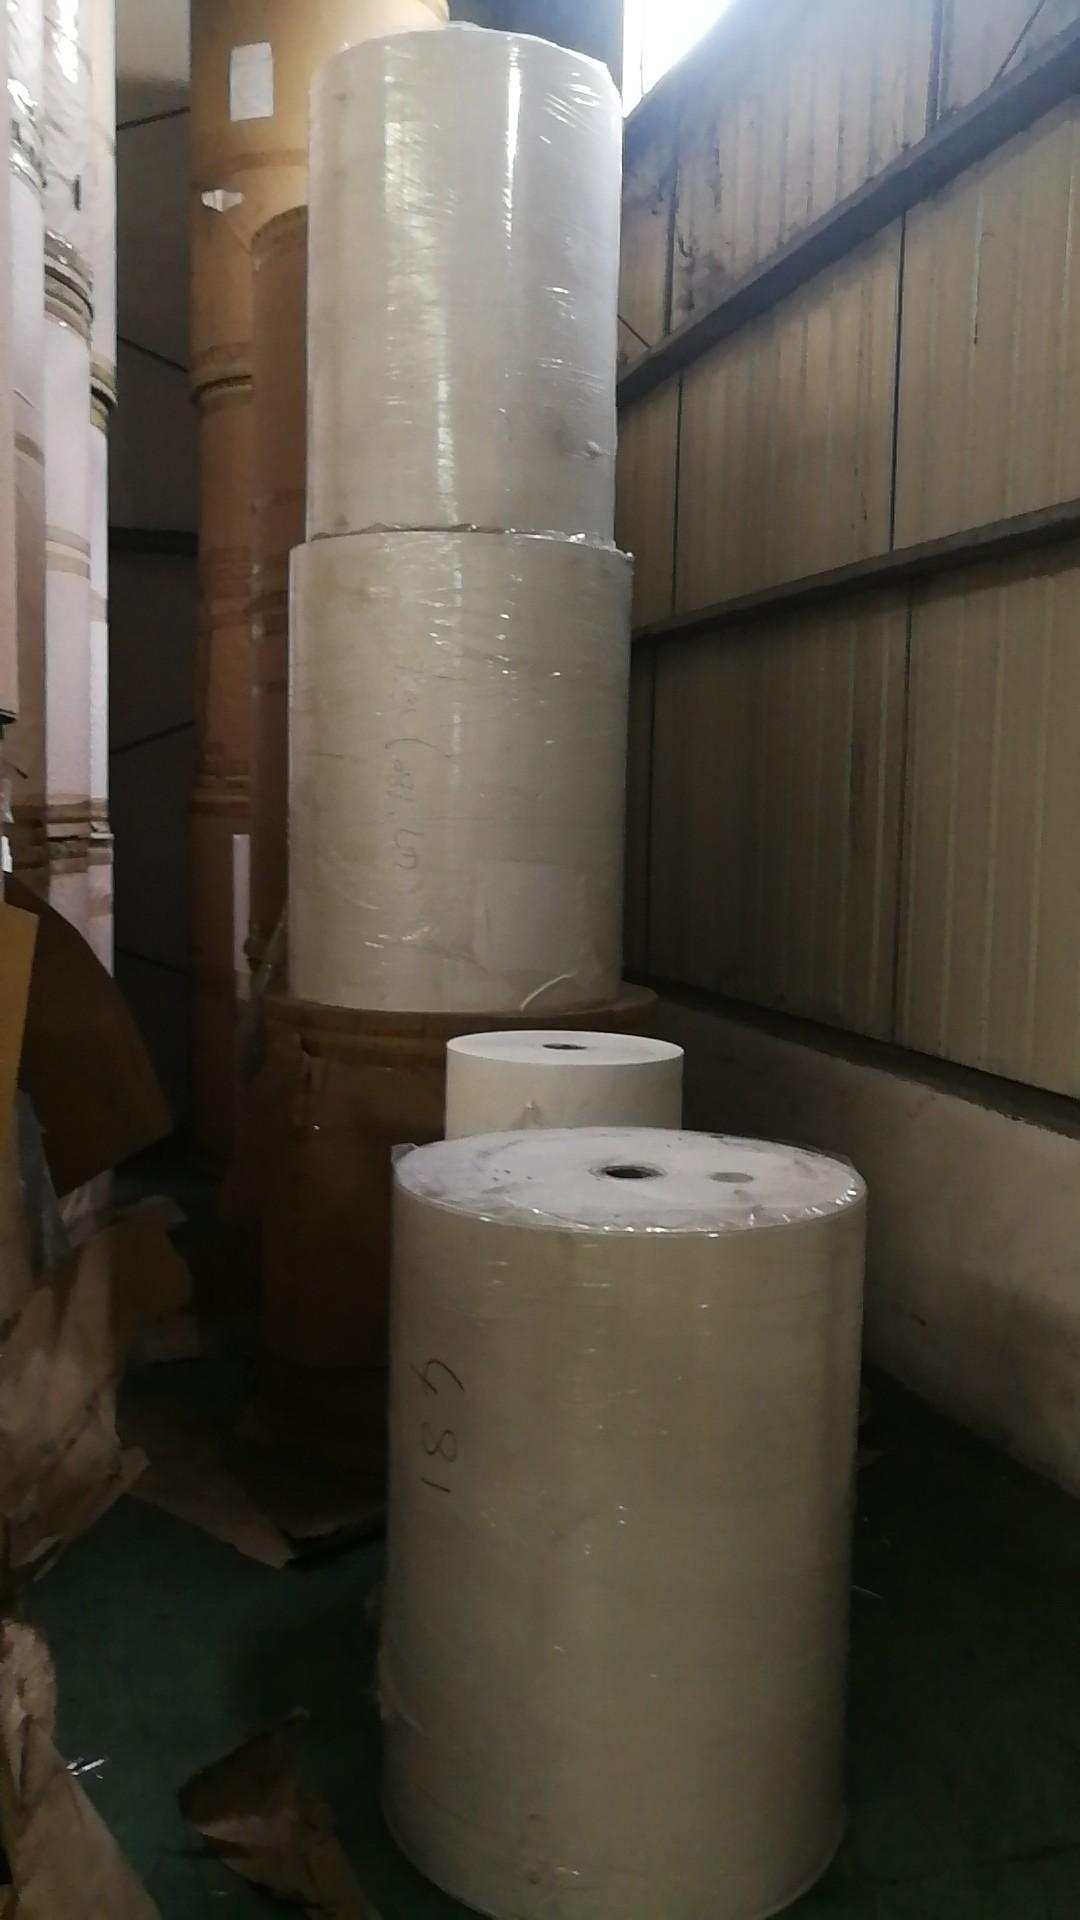 白牛皮纸_白牛皮纸生产厂家_白牛皮纸批发_东莞白牛皮纸厂家直销